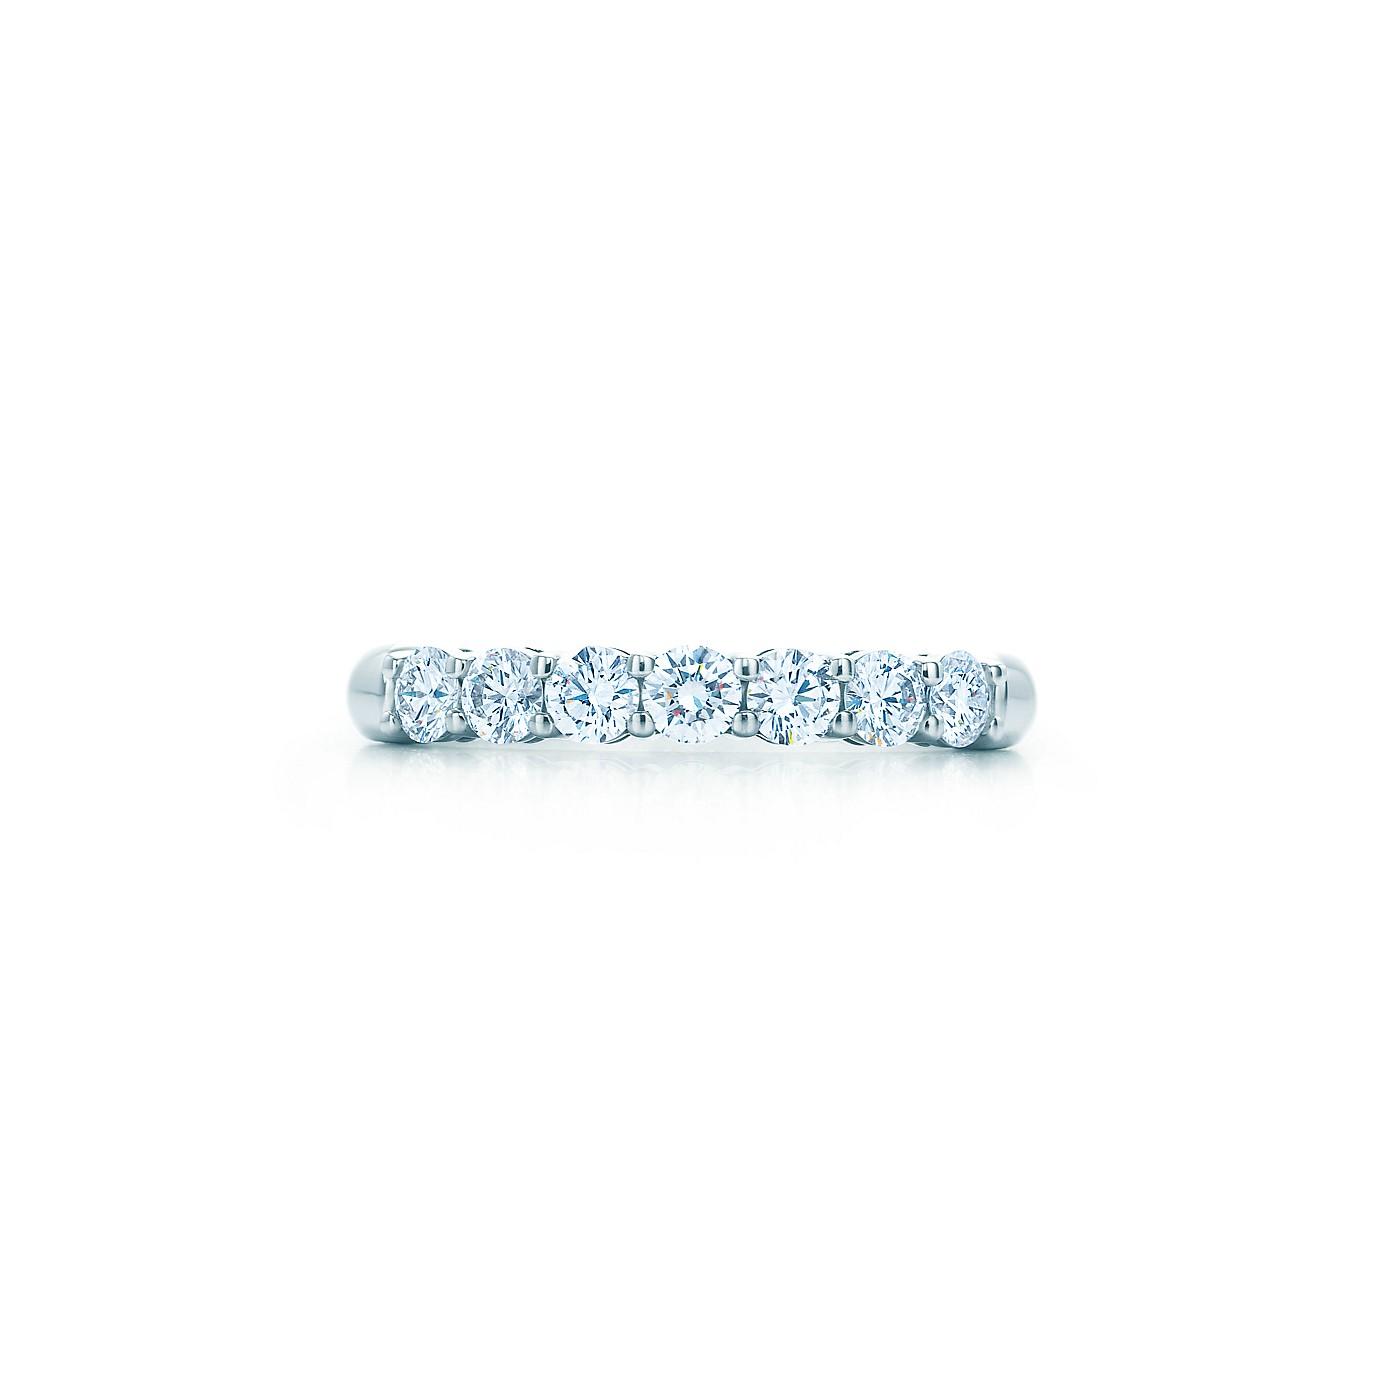 ティファニー エンブレイス バンドリング ダイヤモンド(1)―Tiffany & Co.(ティファニー)